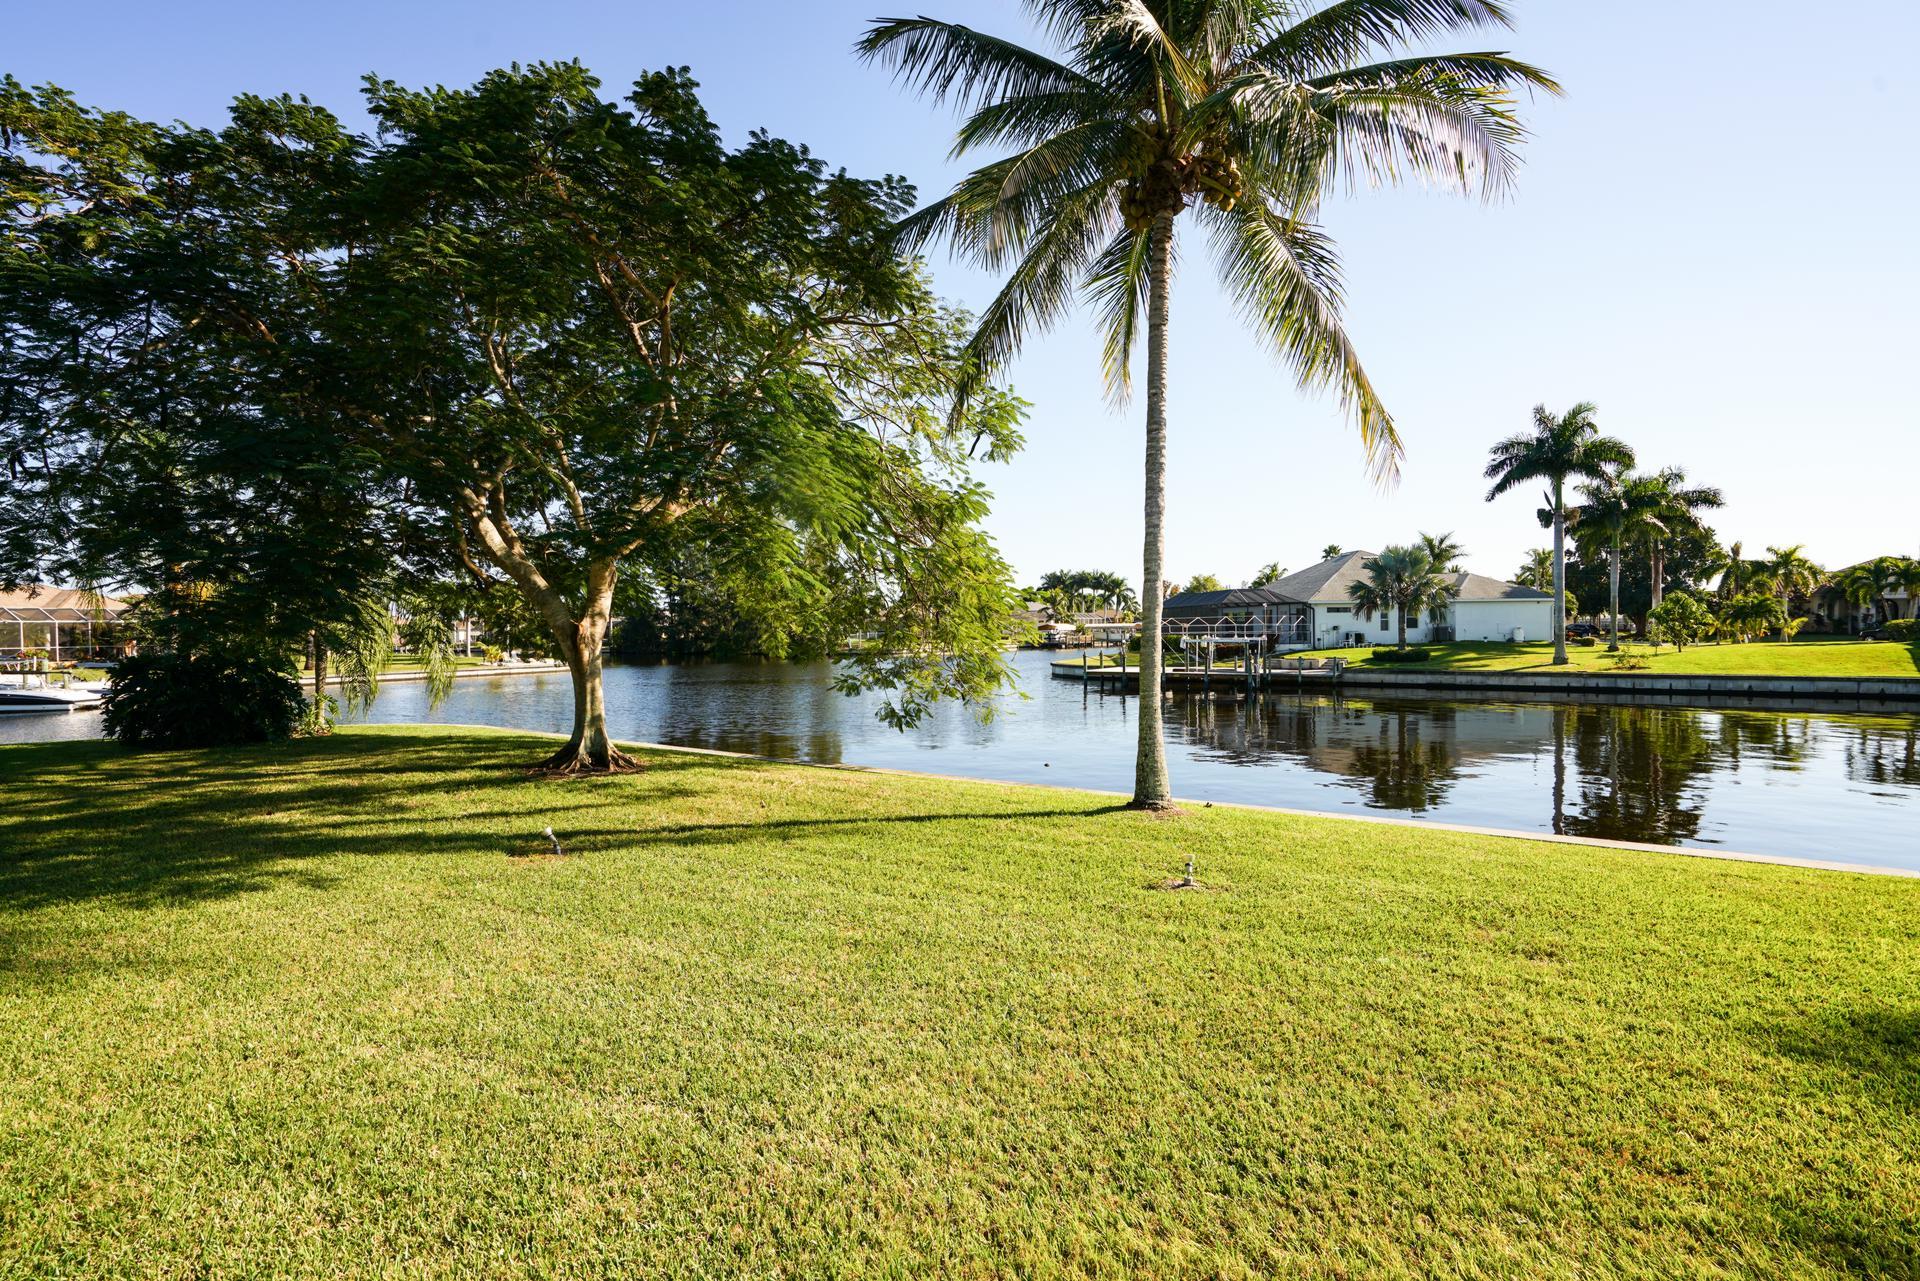 Sonstige Bilder in Florida